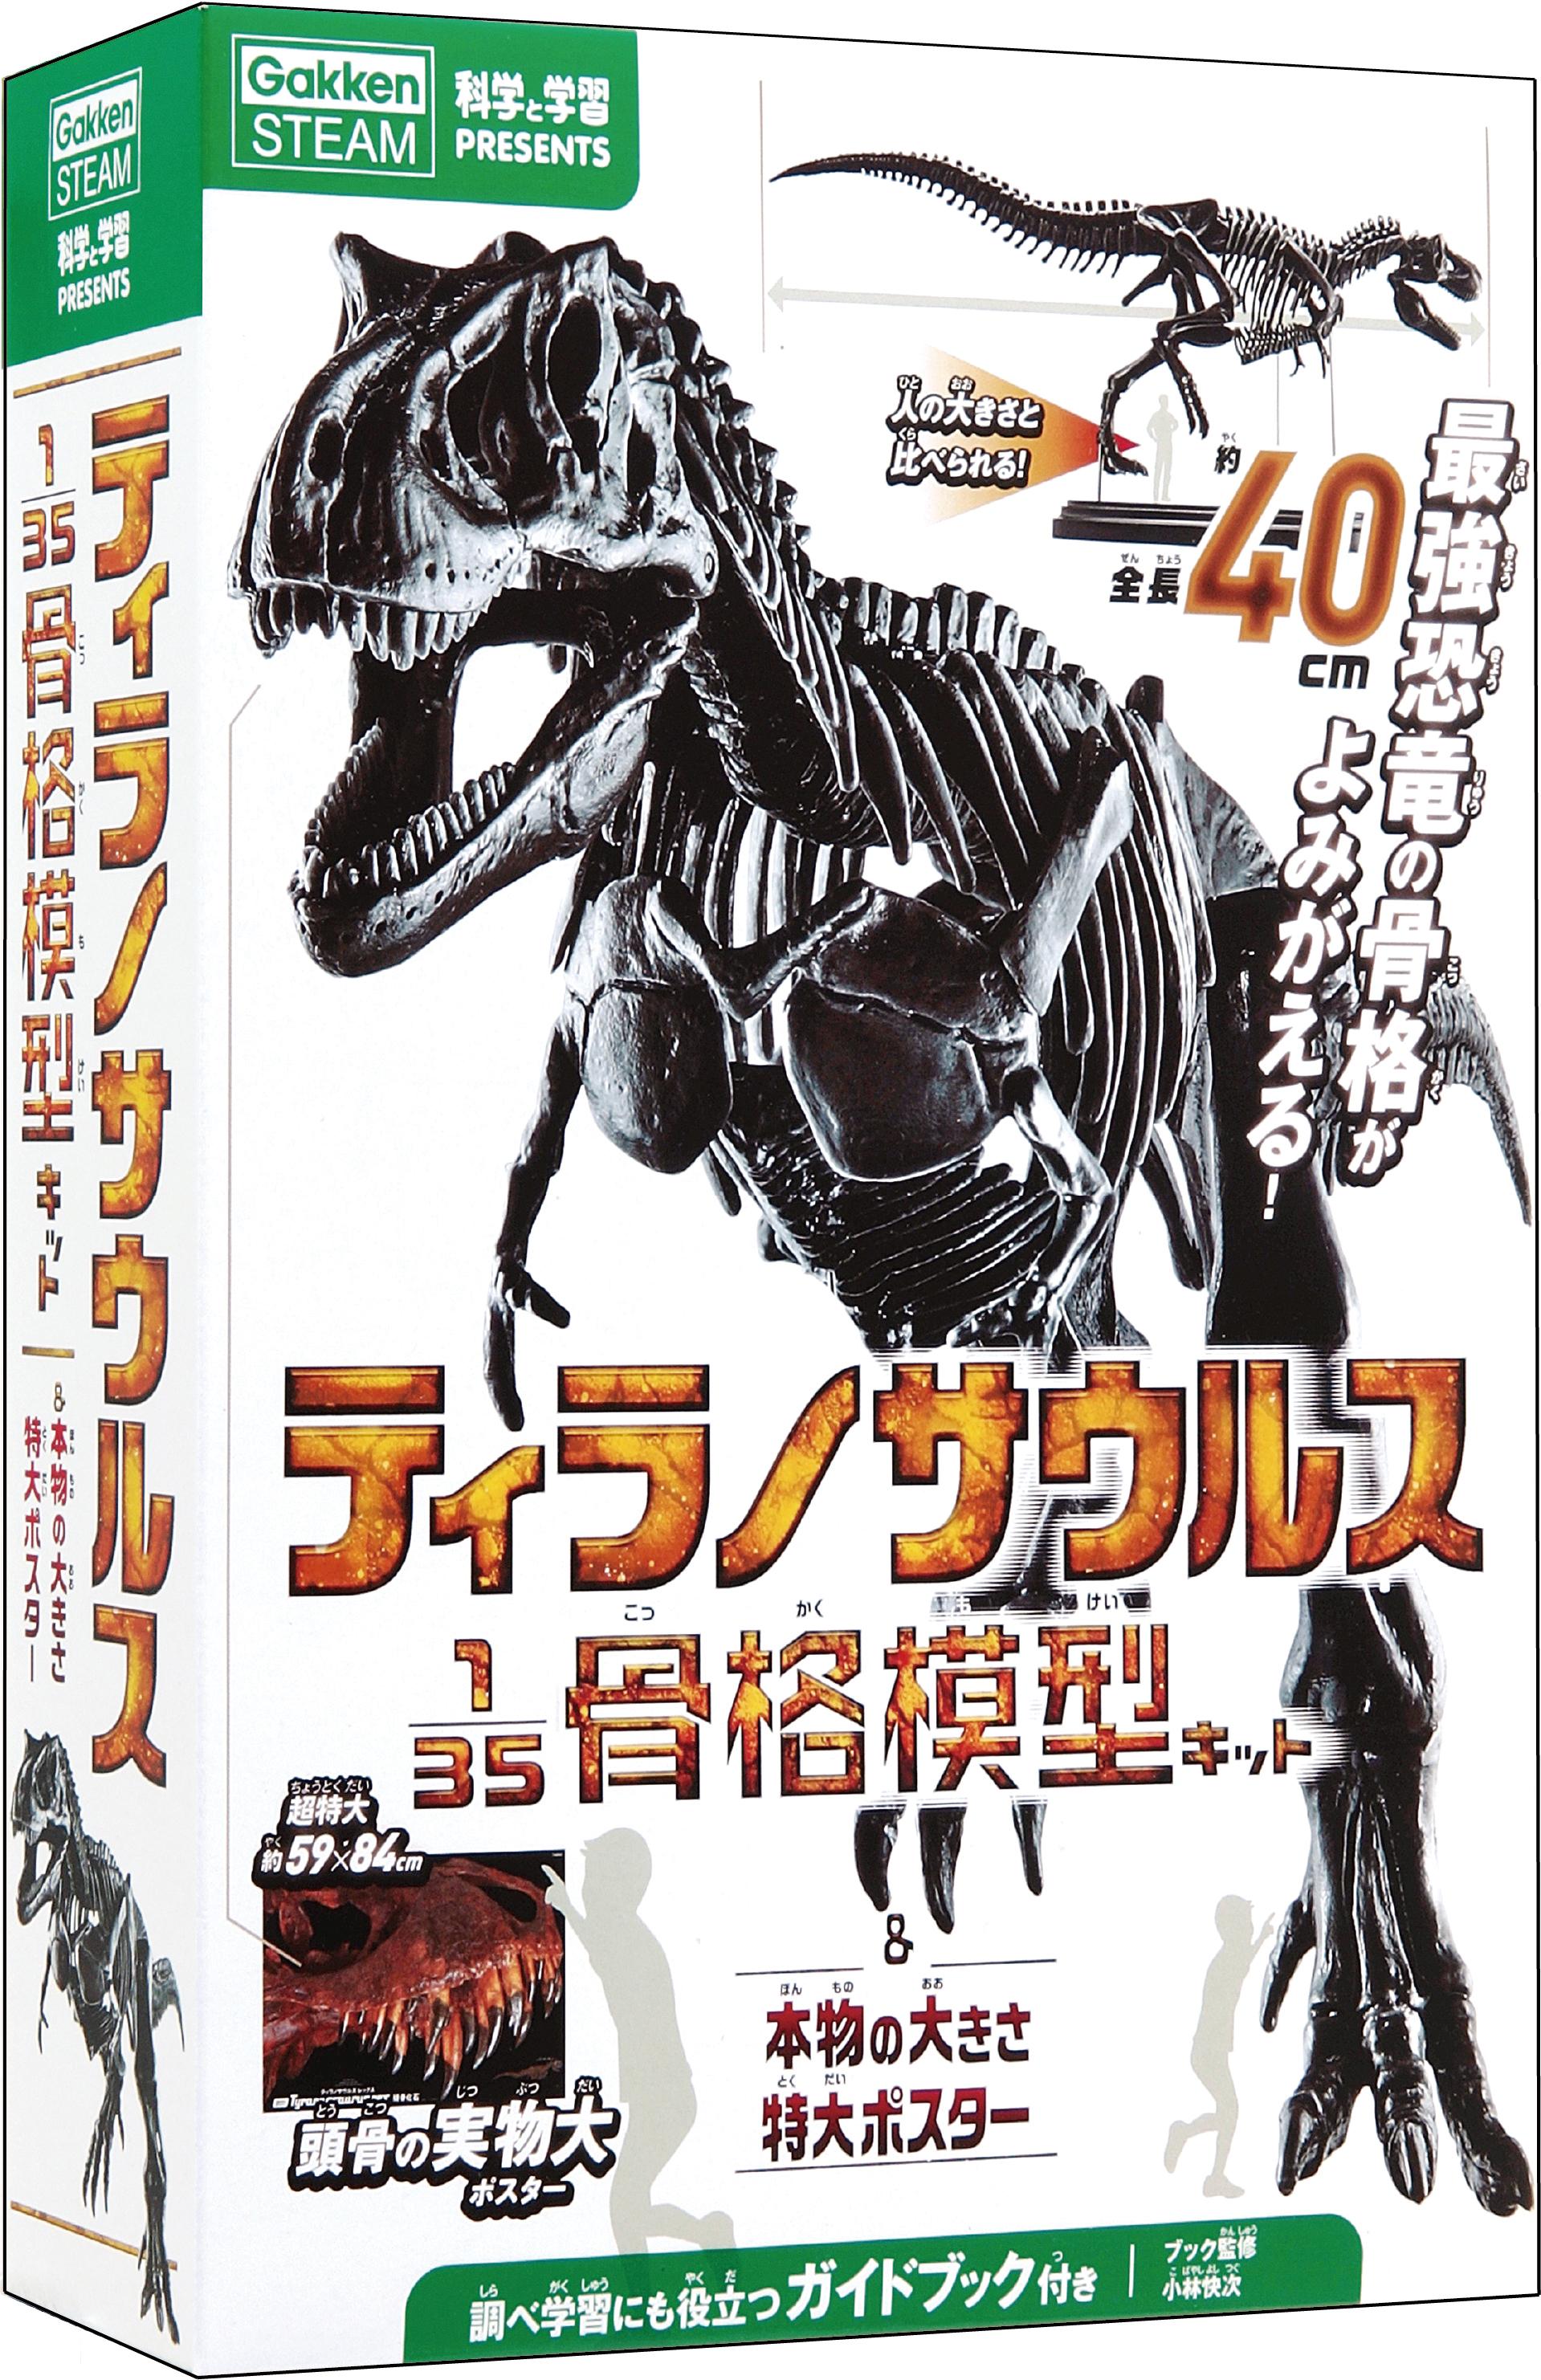 『科学と学習PRESENTS ティラノサウルス135骨格模型キット&本物の大きさ特大ポスター』書影